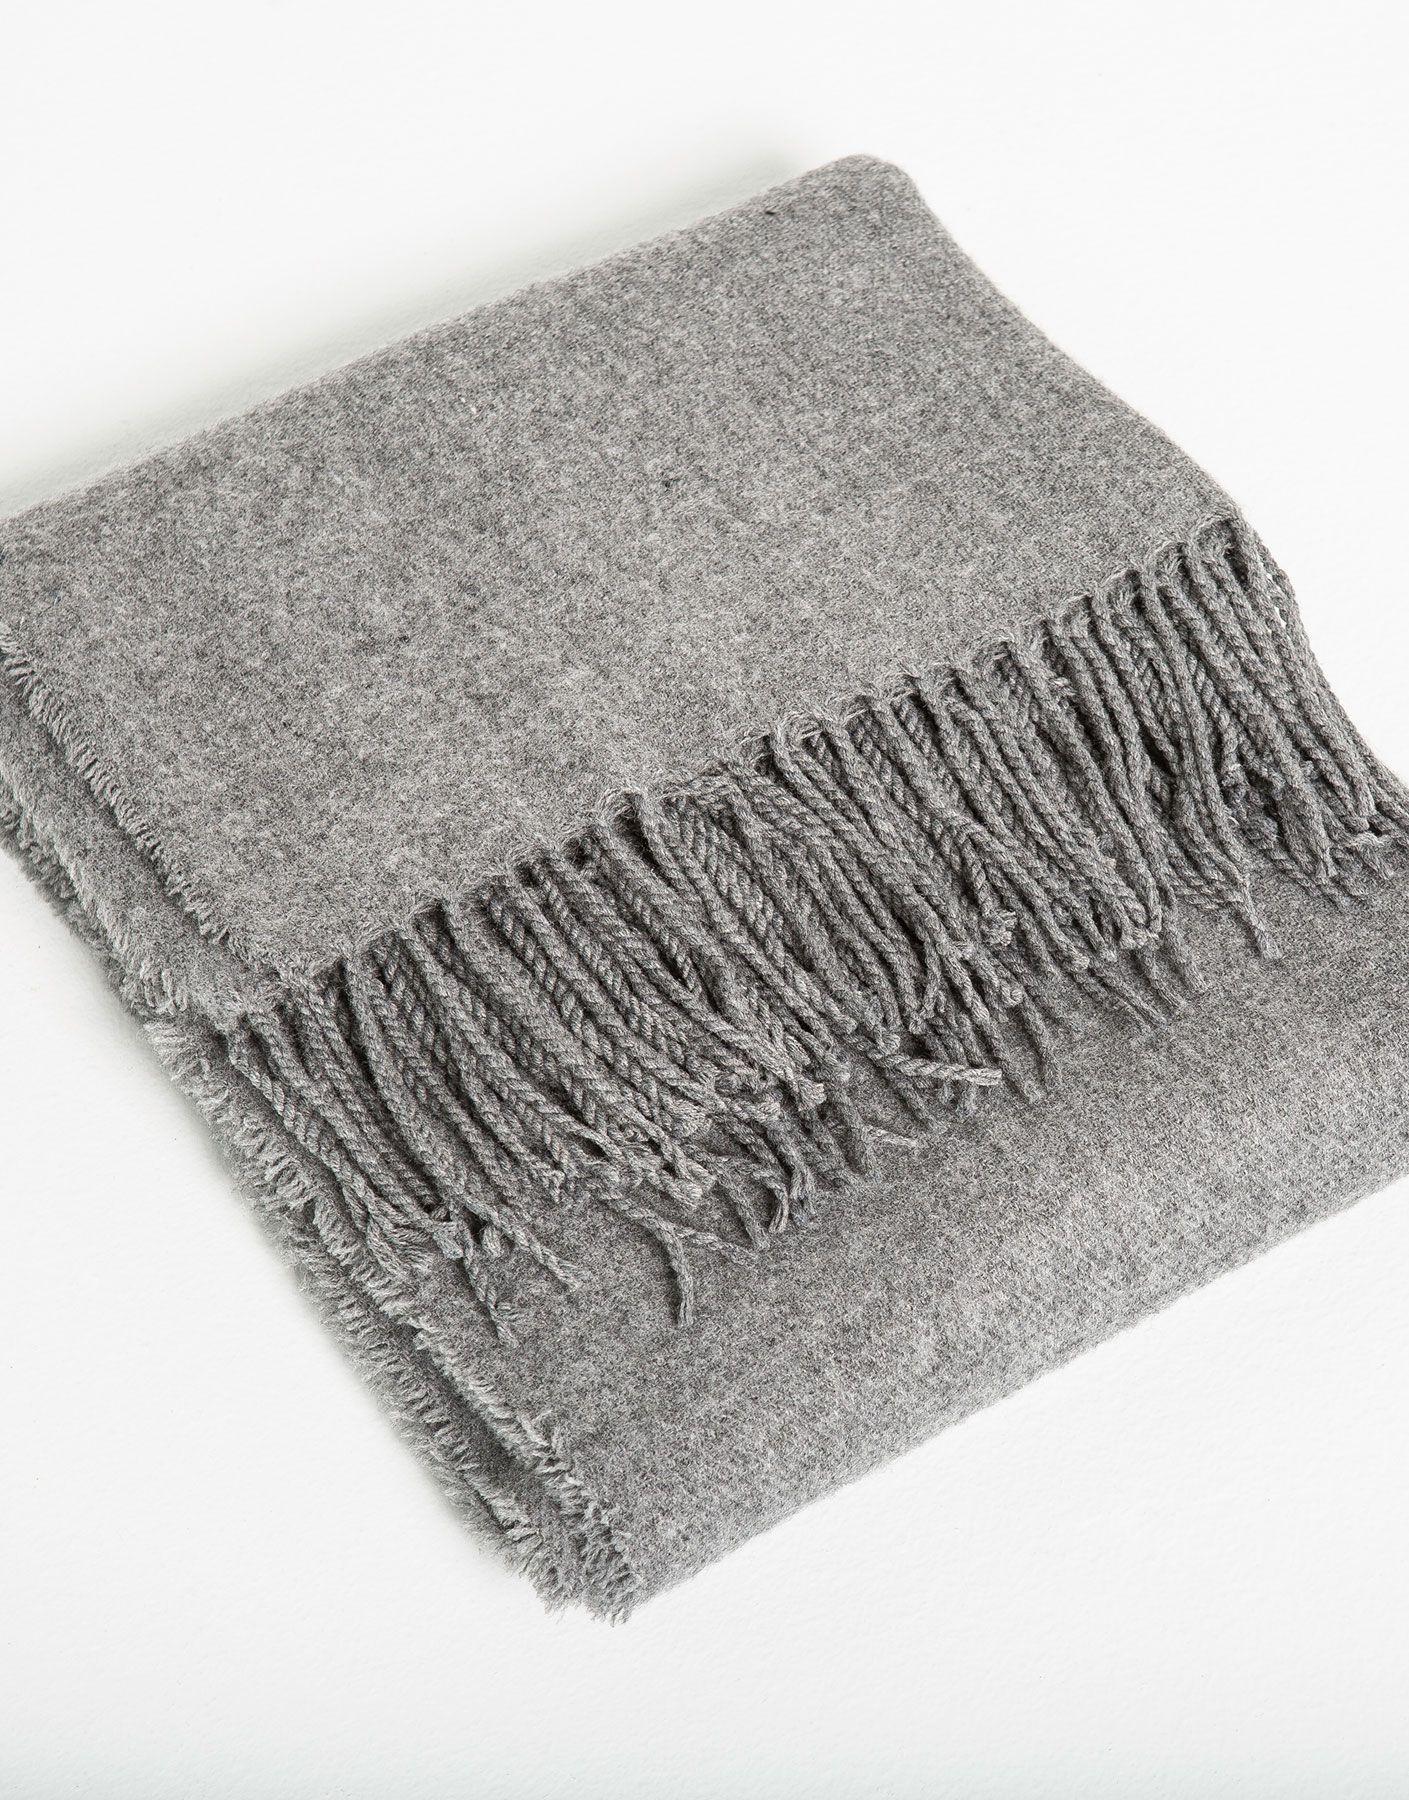 Las temperaturas comienzan a descender y es necesario abrigarnos para evitar los resfriados. Nosotros elegimos esta maxi bufanda de Pull&Bear como must have de la temporada.  https://ad.zanox.com/ppc/?39031773C40765729&ulp=[[http://www.pullandbear.com/es/es/mujer/bufandas-y-fulares-c29026.html%23/100422246/PONCHO%20B%C3%81SICO?utm_campaign=zanox&utm_source=zanox&utm_medium=deeplink]] #pullandbear #bufanda #otoño